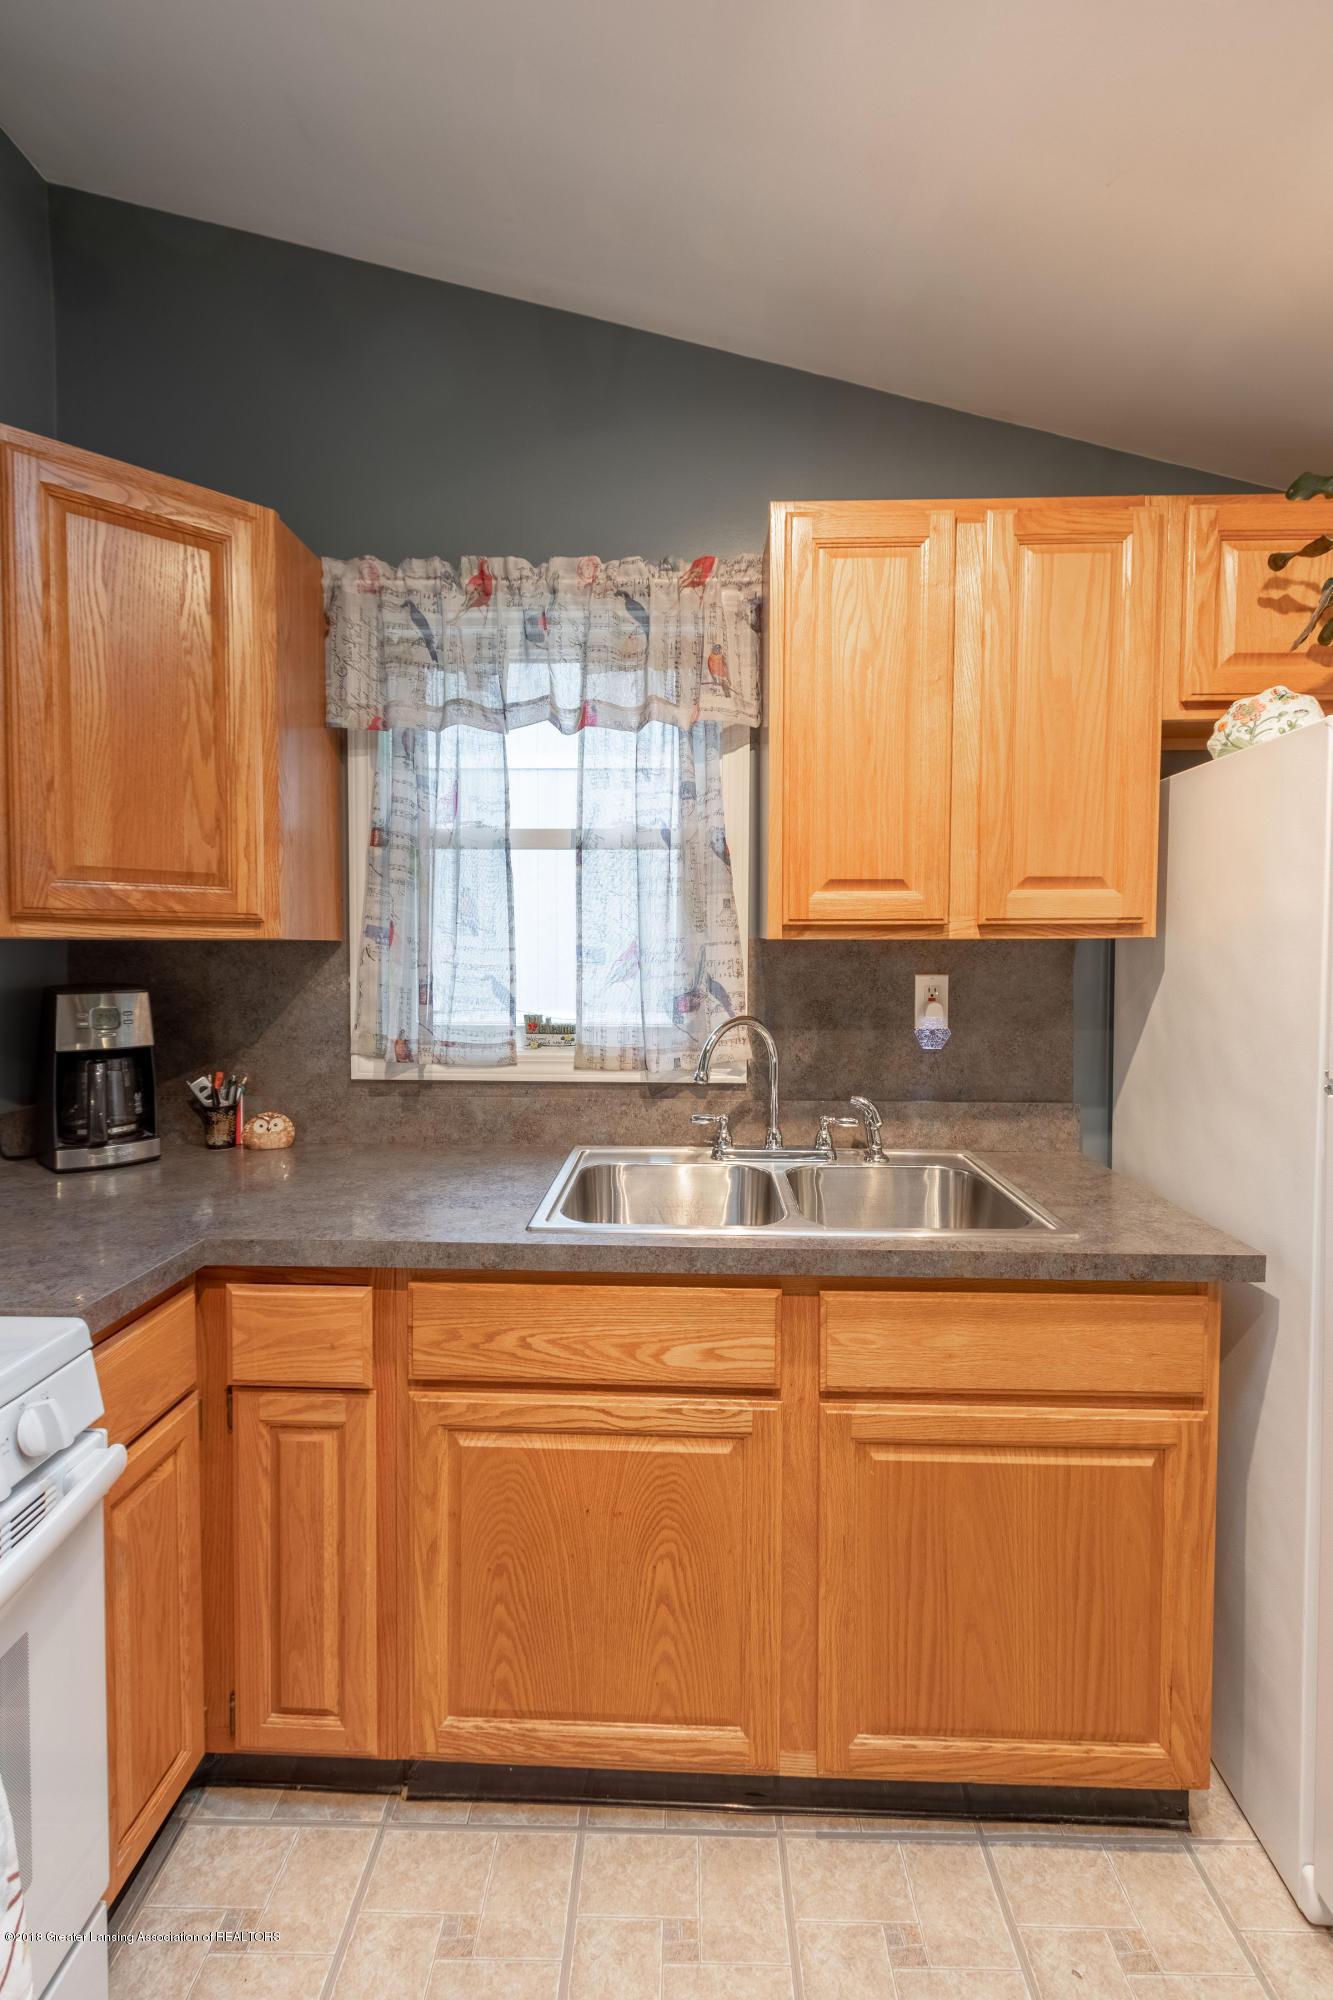 619 N Hagadorn Rd - Kitchen - 16